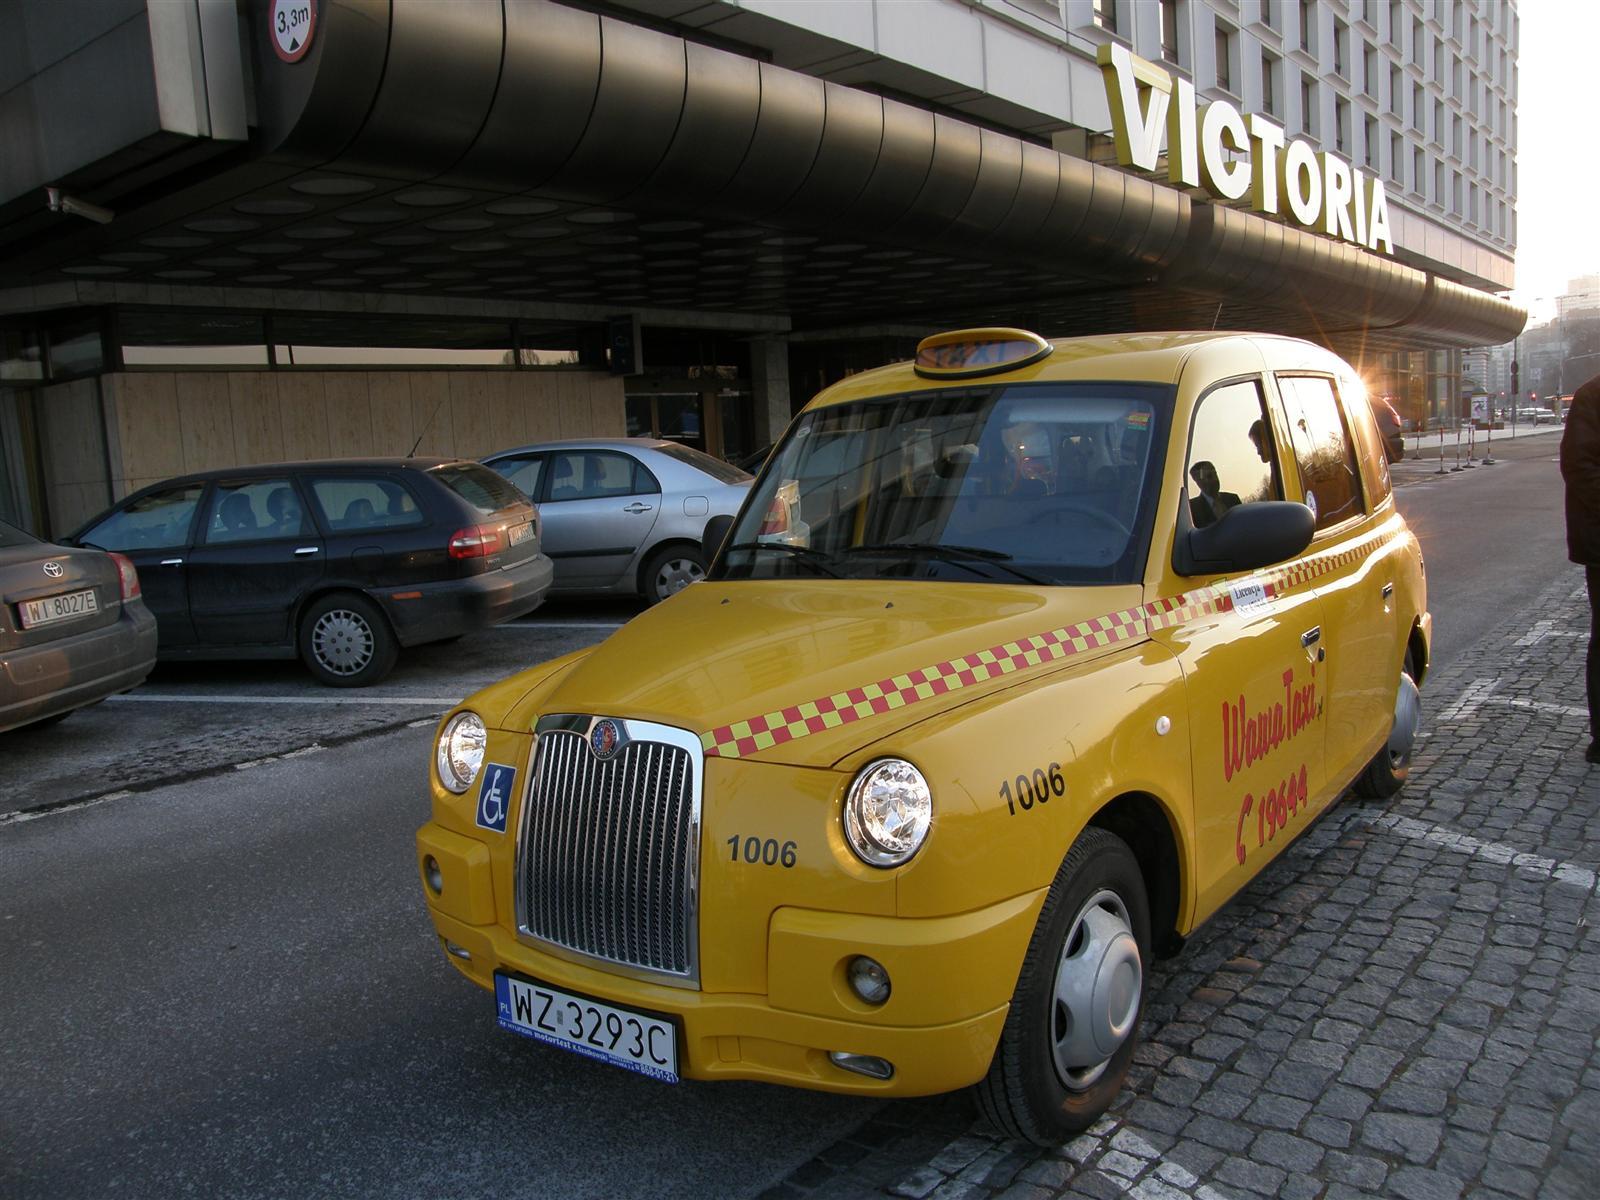 список праздничных картинка такси на английскому время эксплуатации